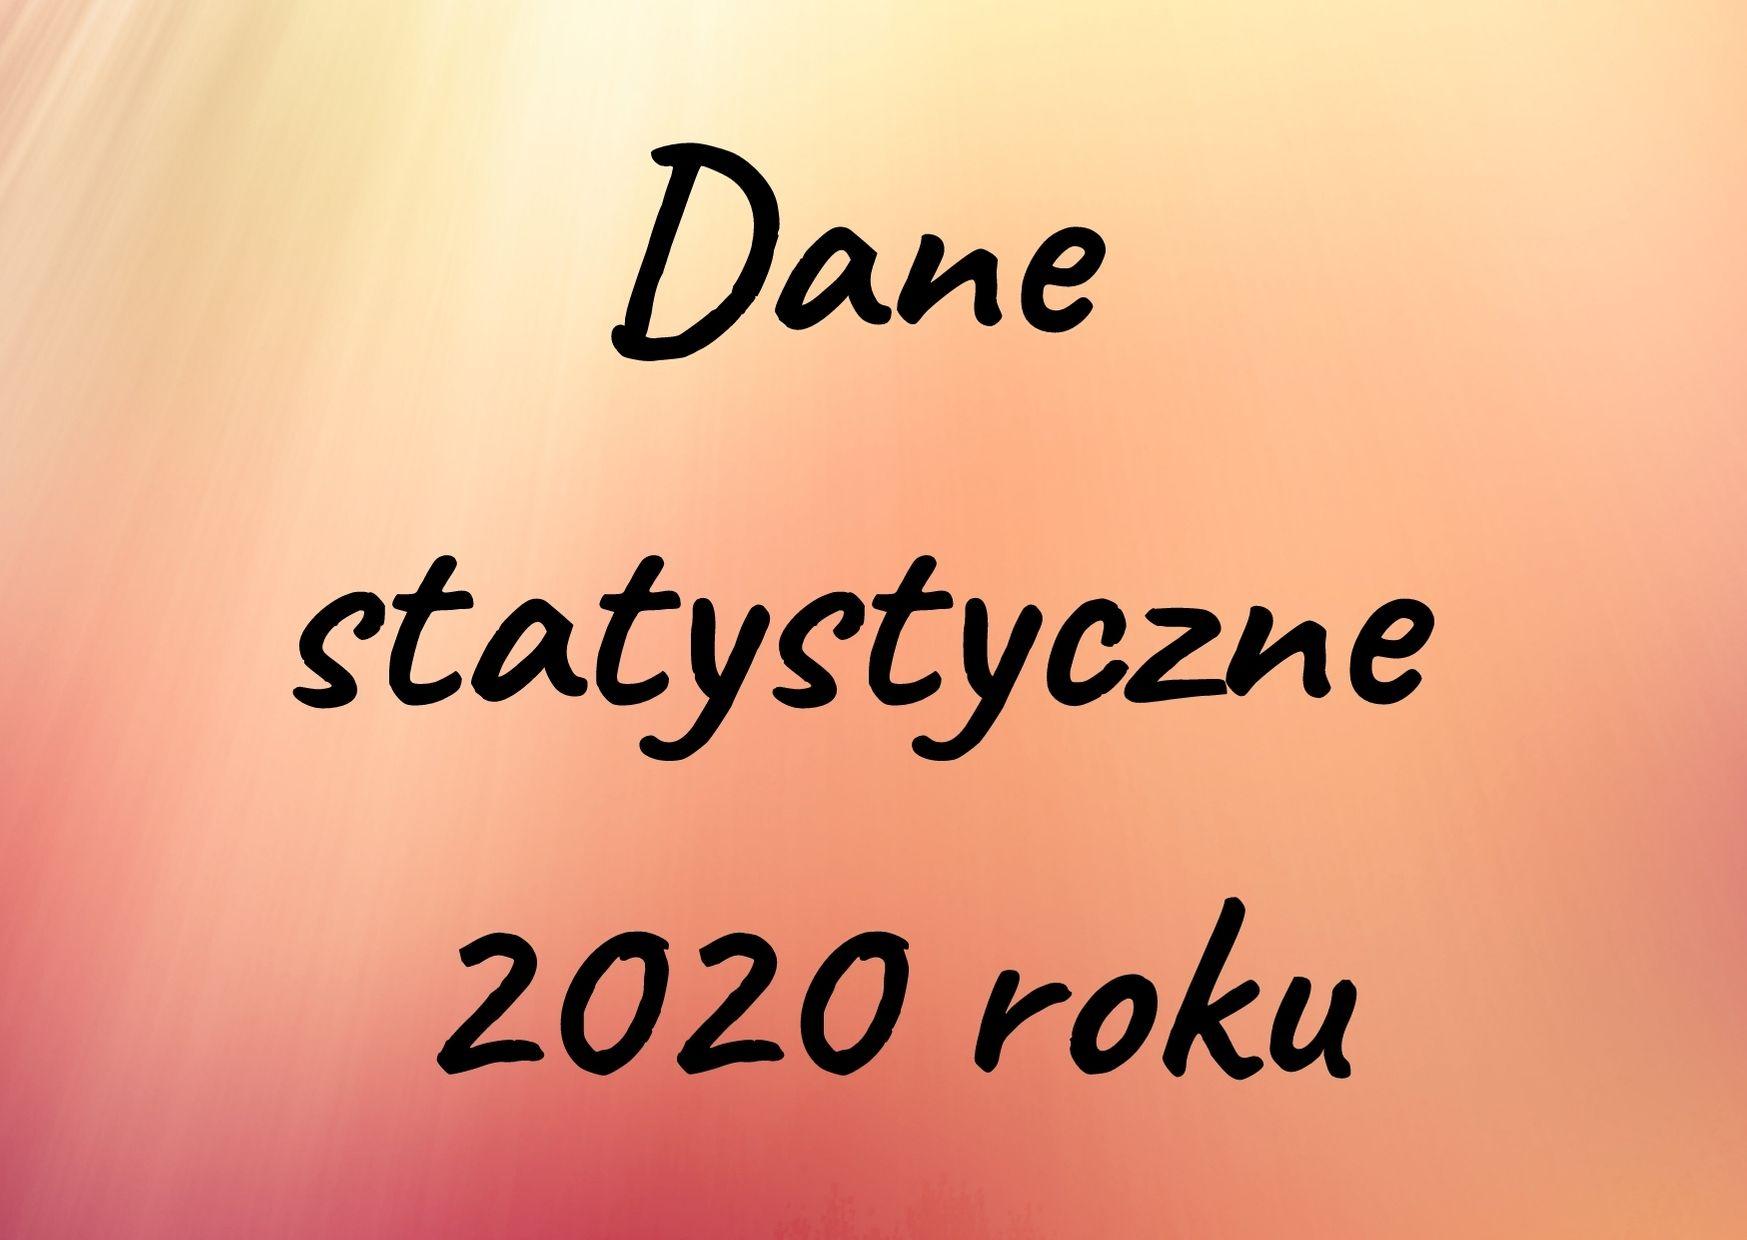 Dane statystyczne 2020 roku